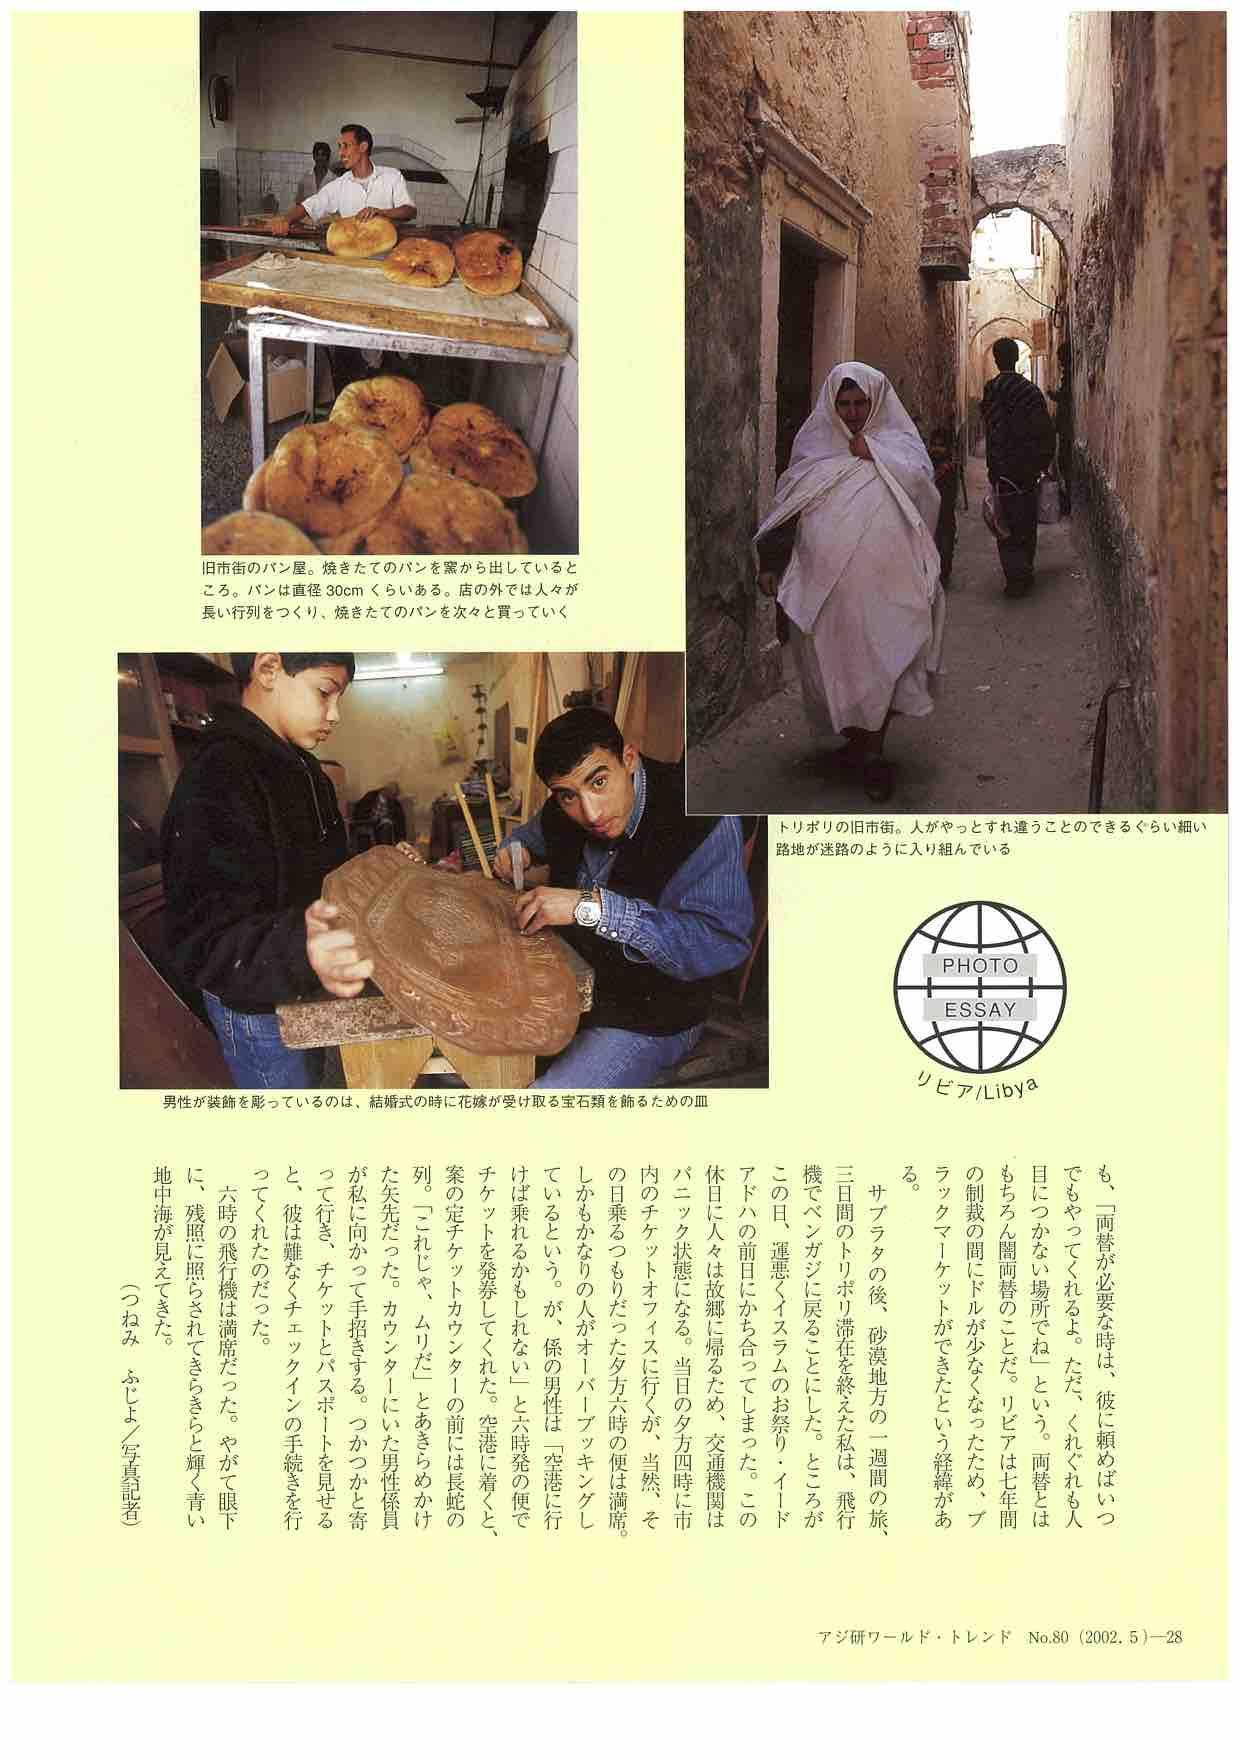 リビア(3)ワールドトレンド